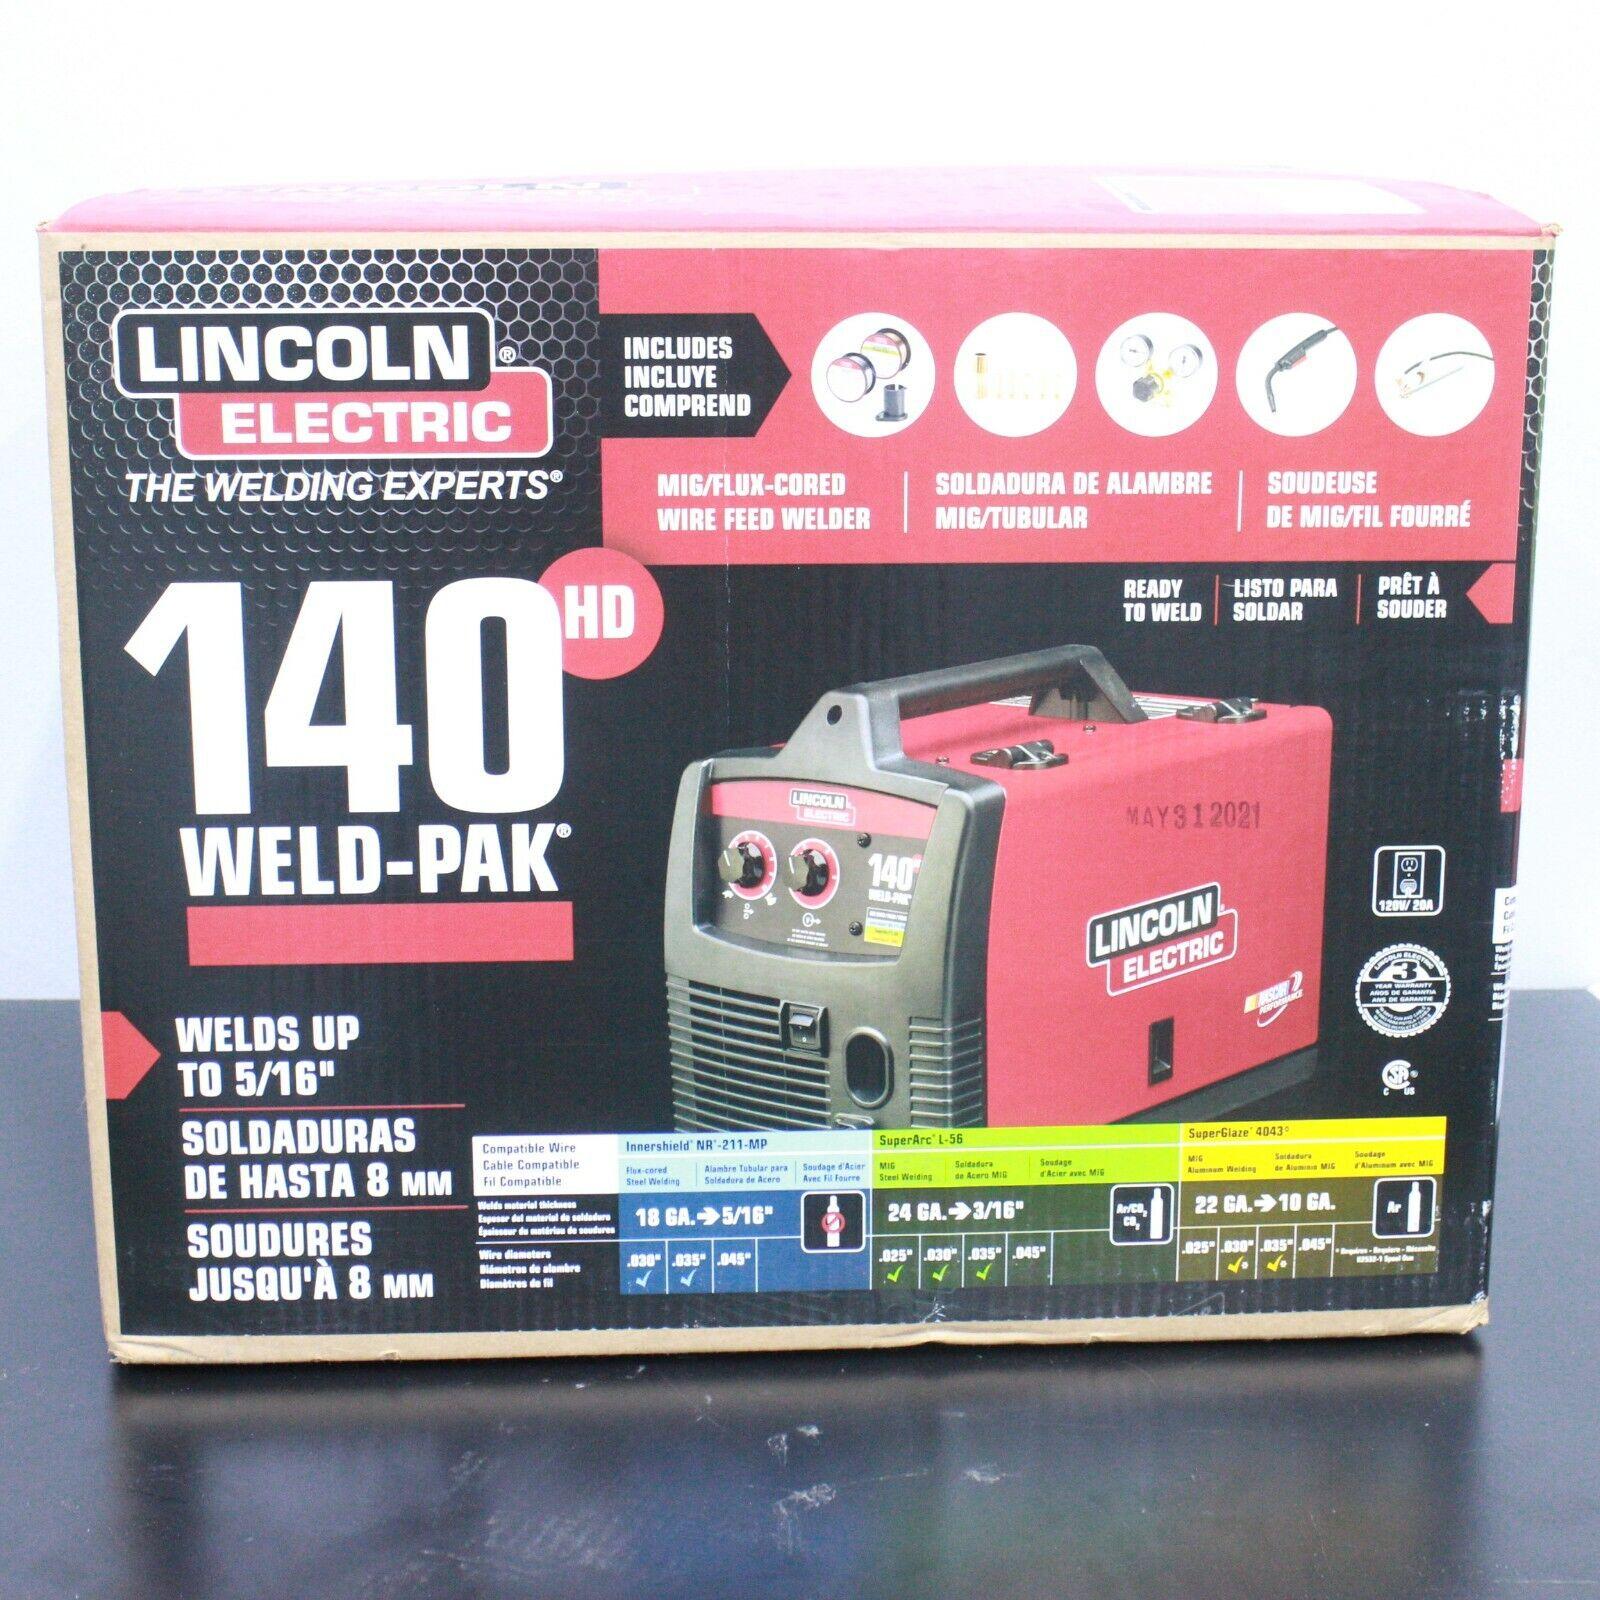 K2514-1 thehappyhocker Lincoln Electric K2514-1 120v Weld Pak 140 HD Wire-Feed Welder NEW!